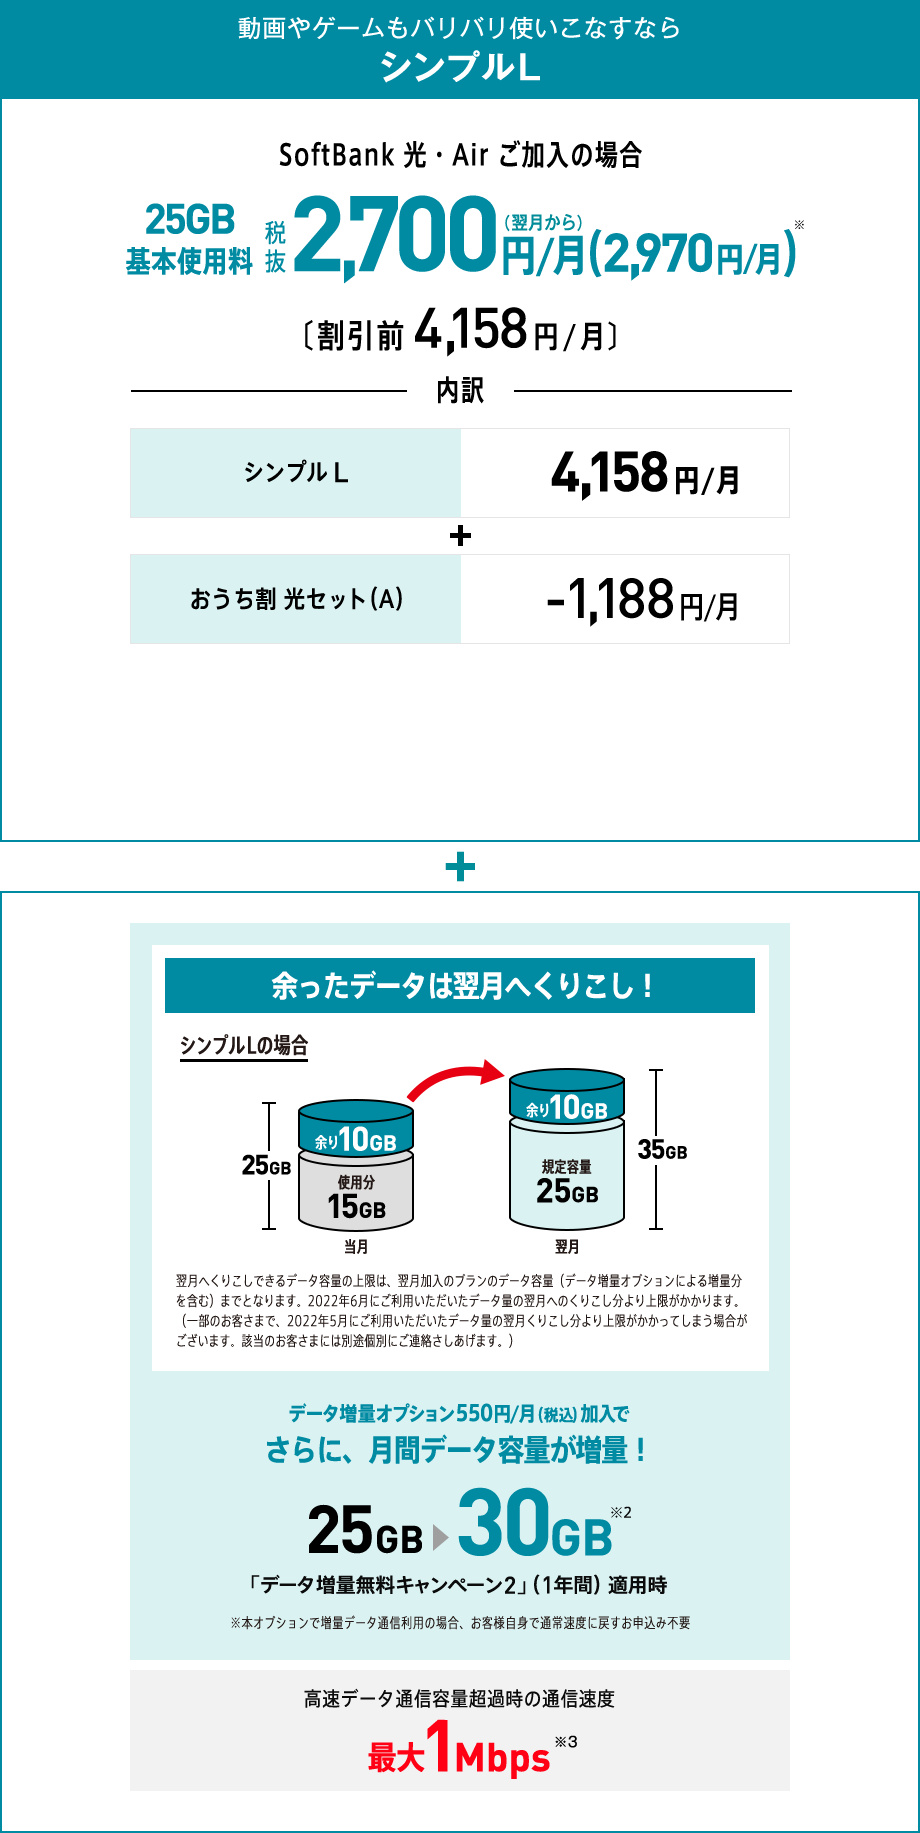 動画もゲームもバリバリ使いこなすならスマホベーシックプランR 通話もネットもコミコミで月々3,480円[税抜]~ 新規割・おうち割 光セット(A) 適用時 翌月から6ヵ月間 高速データ通信月々17GB(1年間・オプション加入要)+通話料0円 10分以内の国内通話は何度でもかけ放題